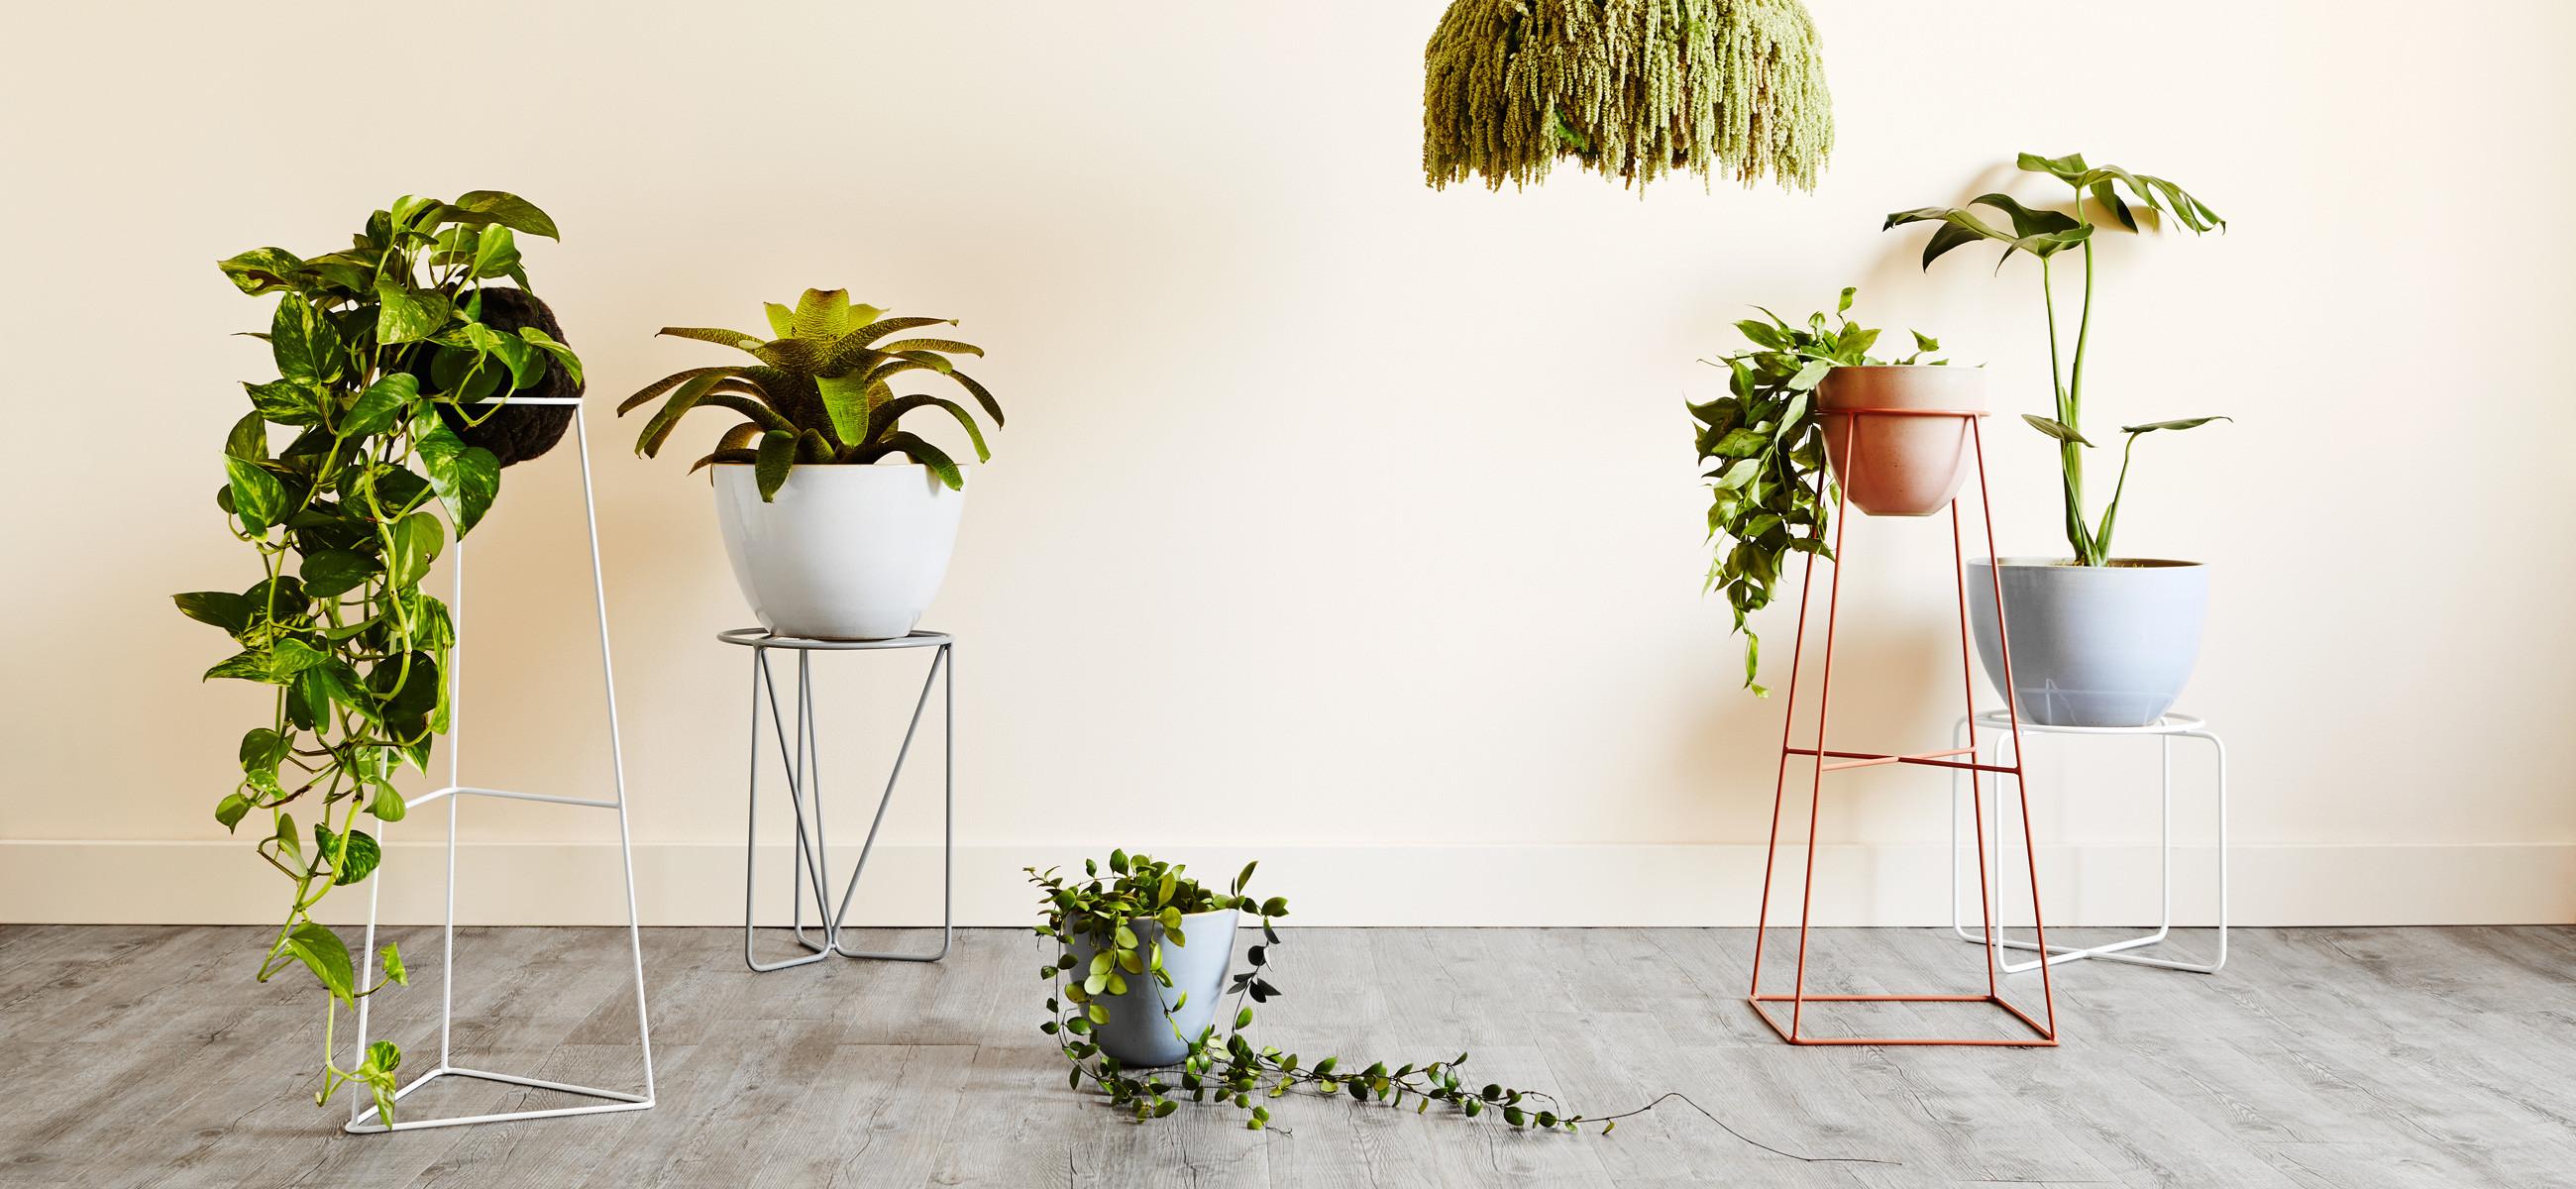 Plantenstandaard, zelf maken? - Inspiraties - ShowHome.nl